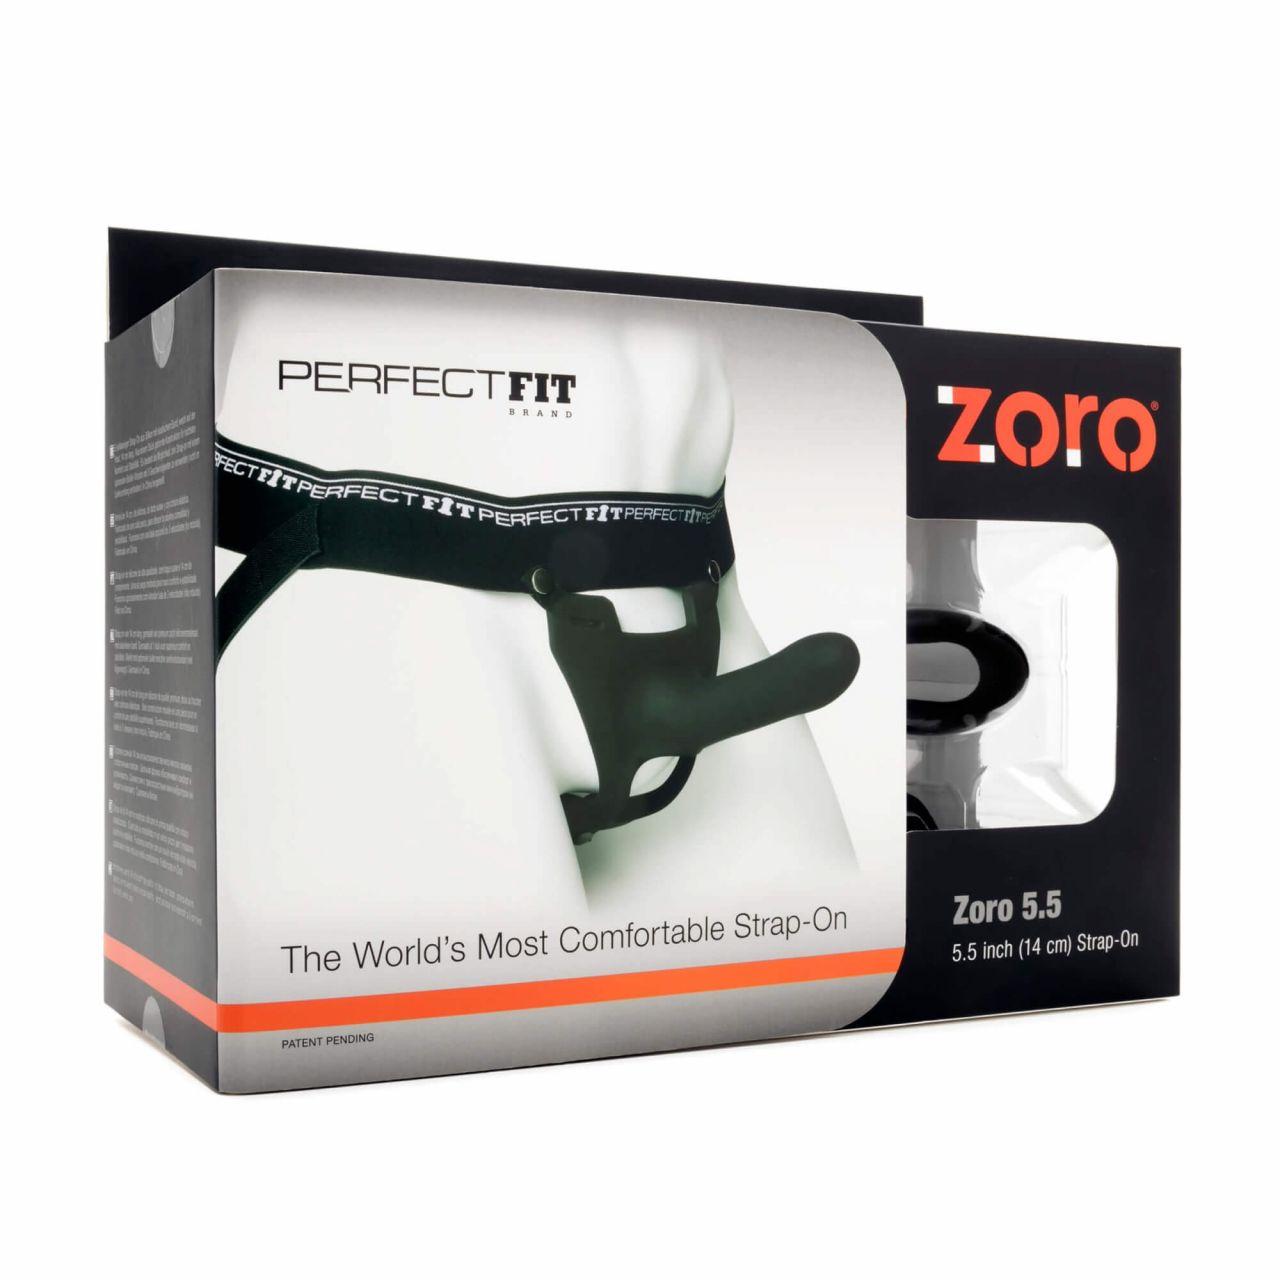 Perfect Fit ZORO 5.5- felcsatolható dildó (14cm) - fekete